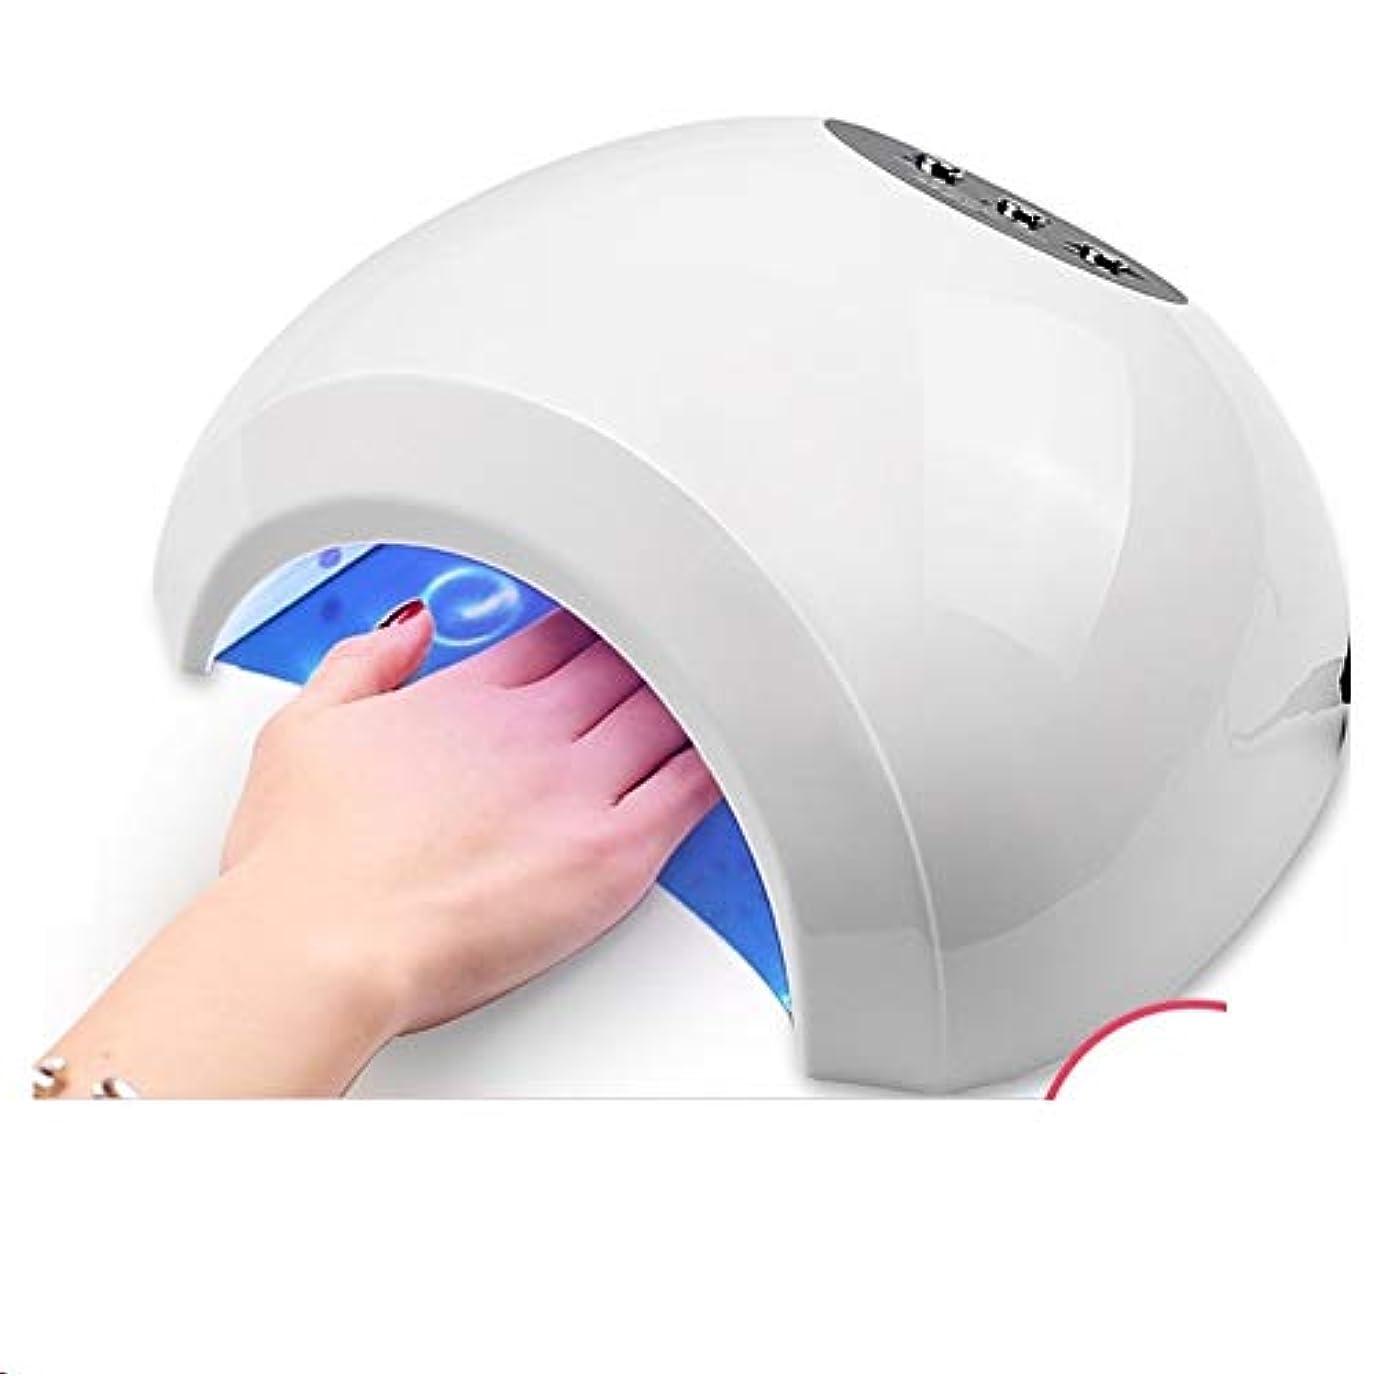 時間打倒静かなLittleCat ビススマートセンサ48Wライト光線療法マシンヒートランプLEDライトセラピーネイルドライヤー (色 : 110V US regulations)